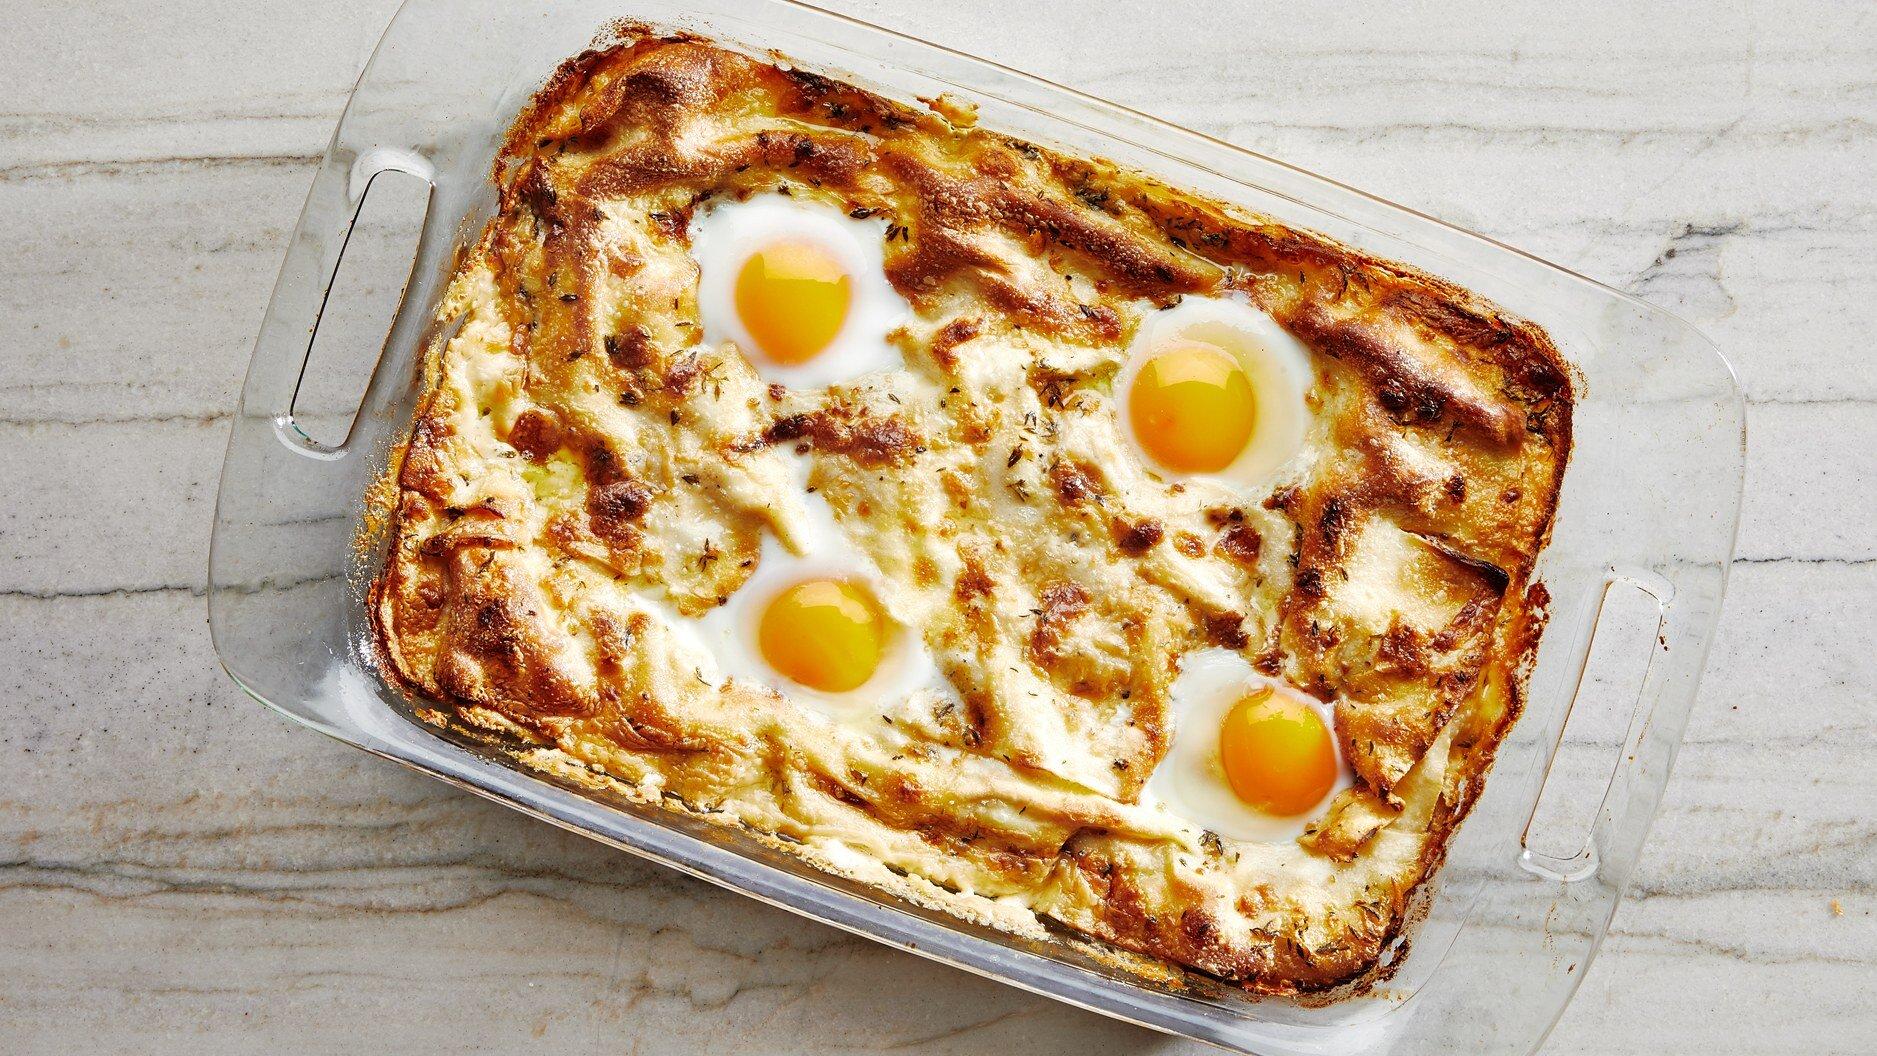 Cookbook-Club-1019-Carbonara-Lasagna-pan2.jpg